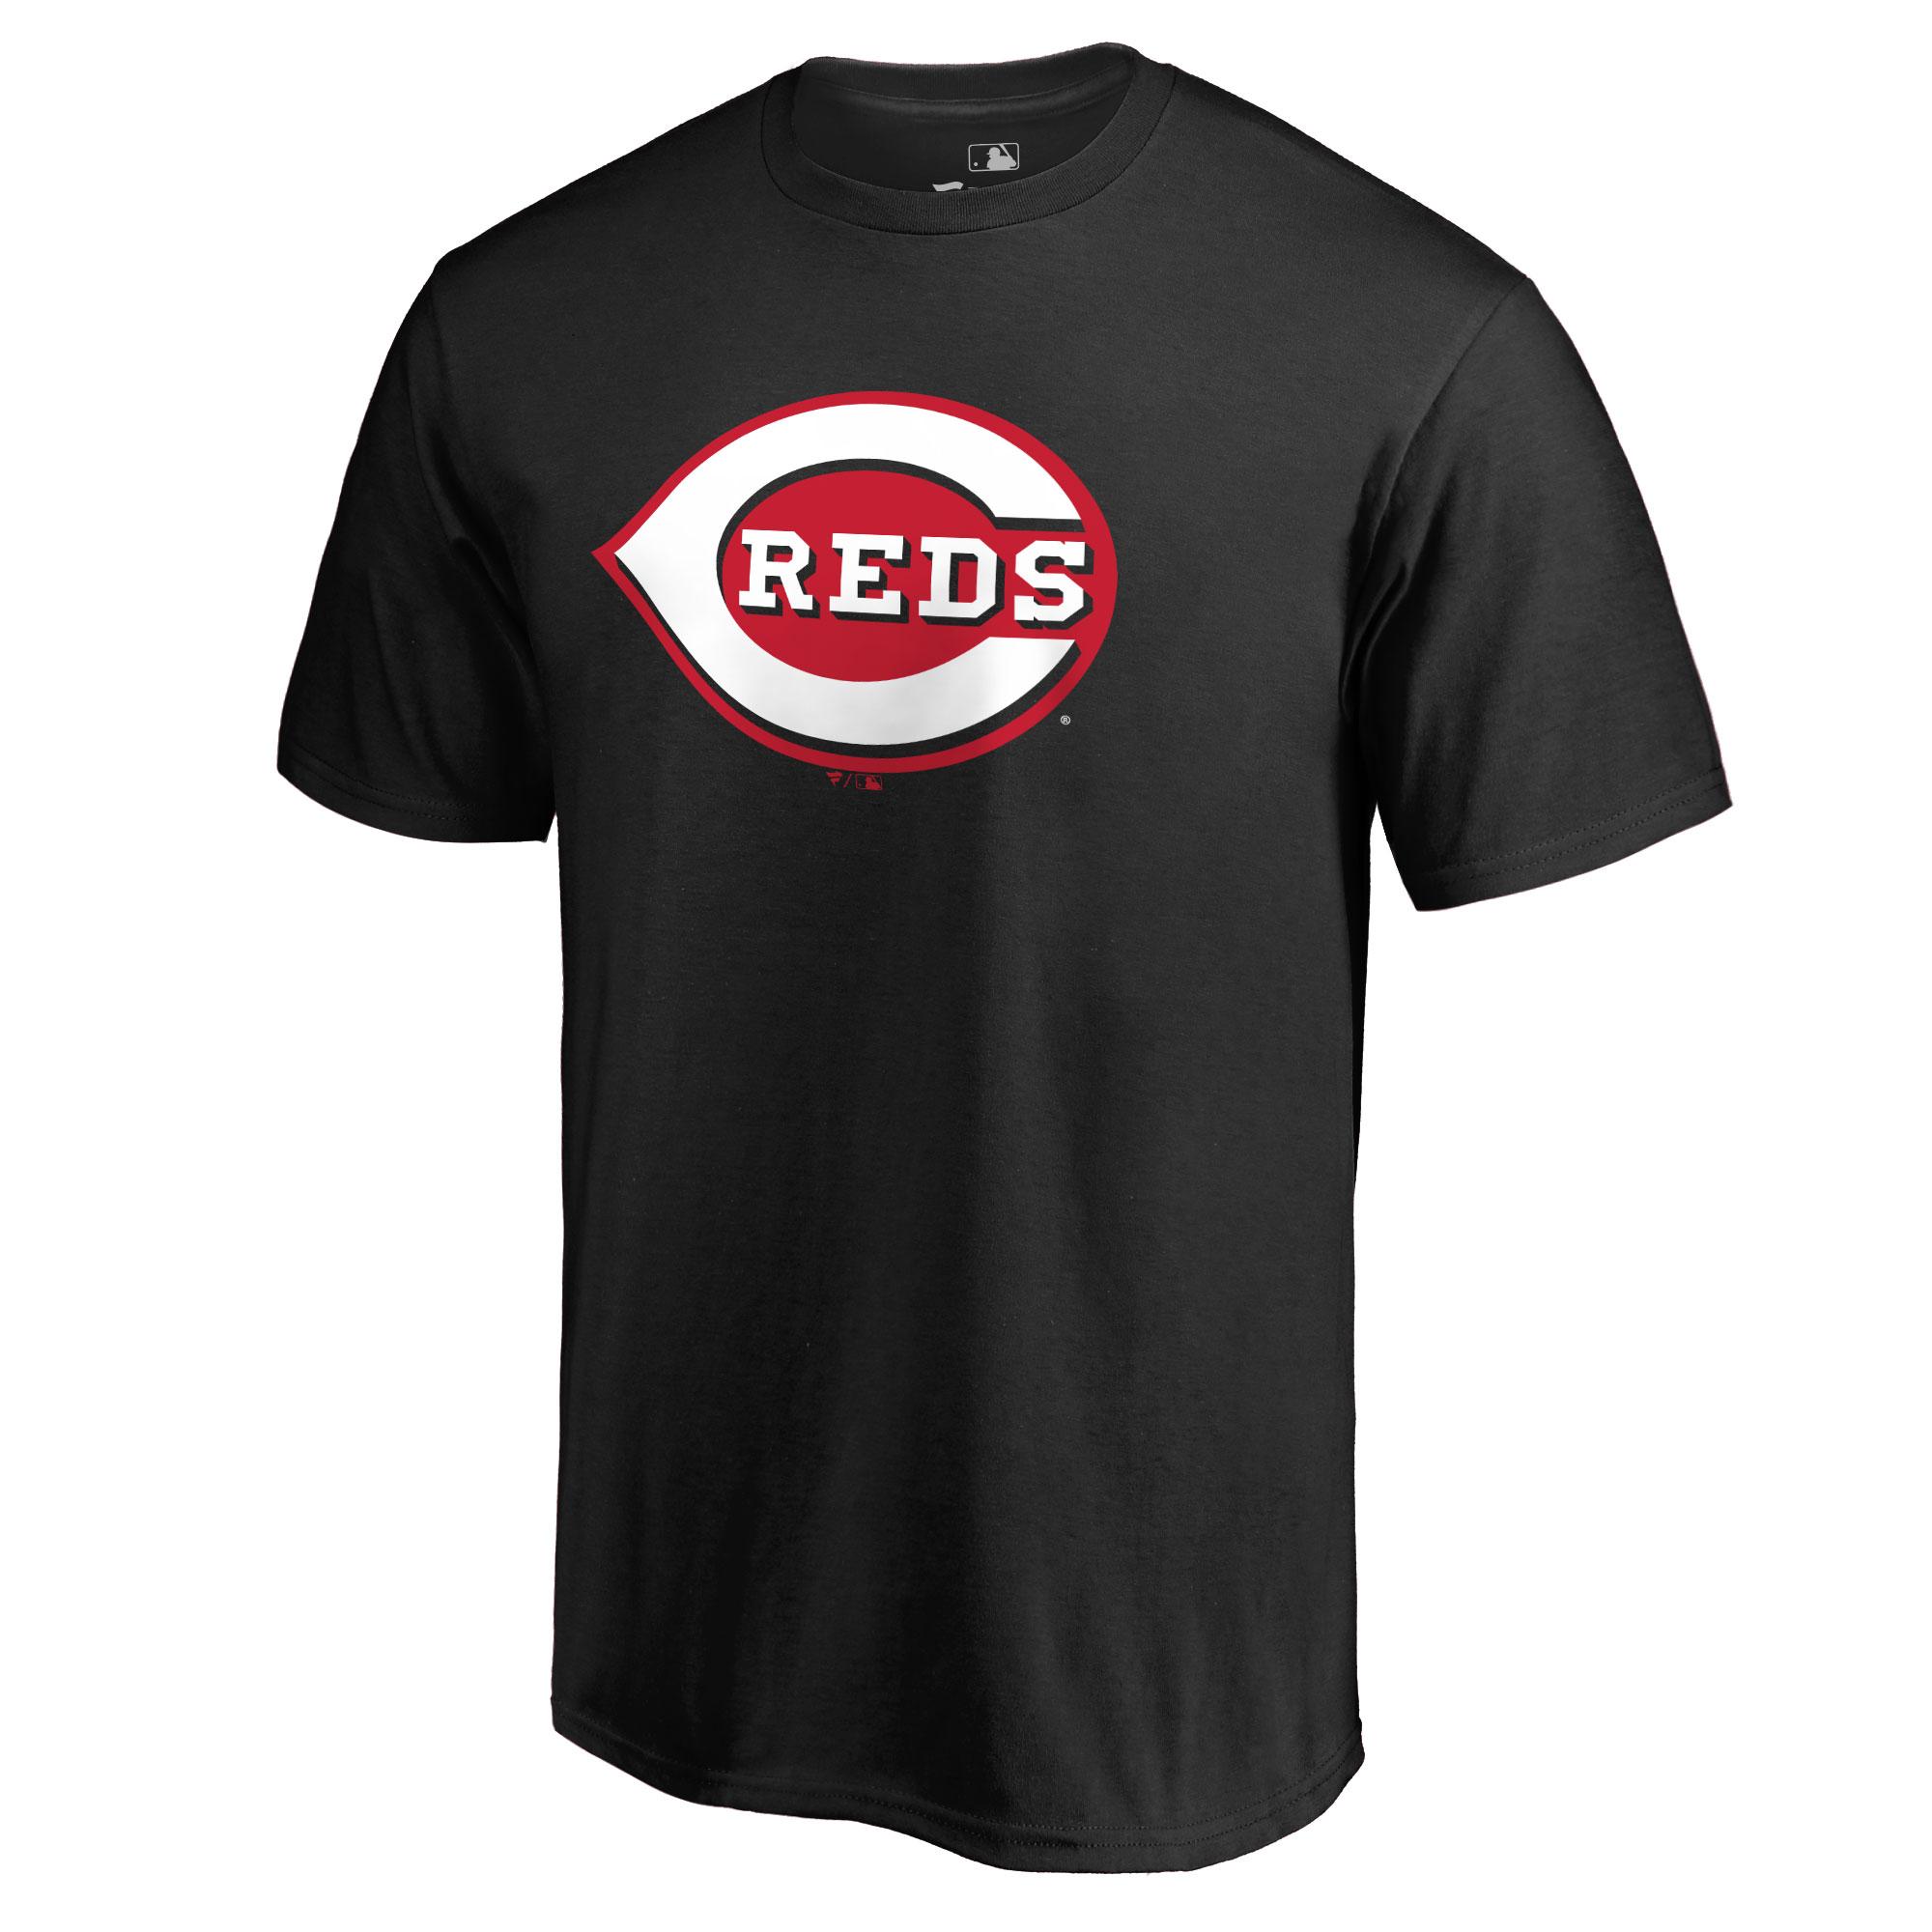 Cincinnati Reds Secondary Color Primary Logo T-Shirt - Black